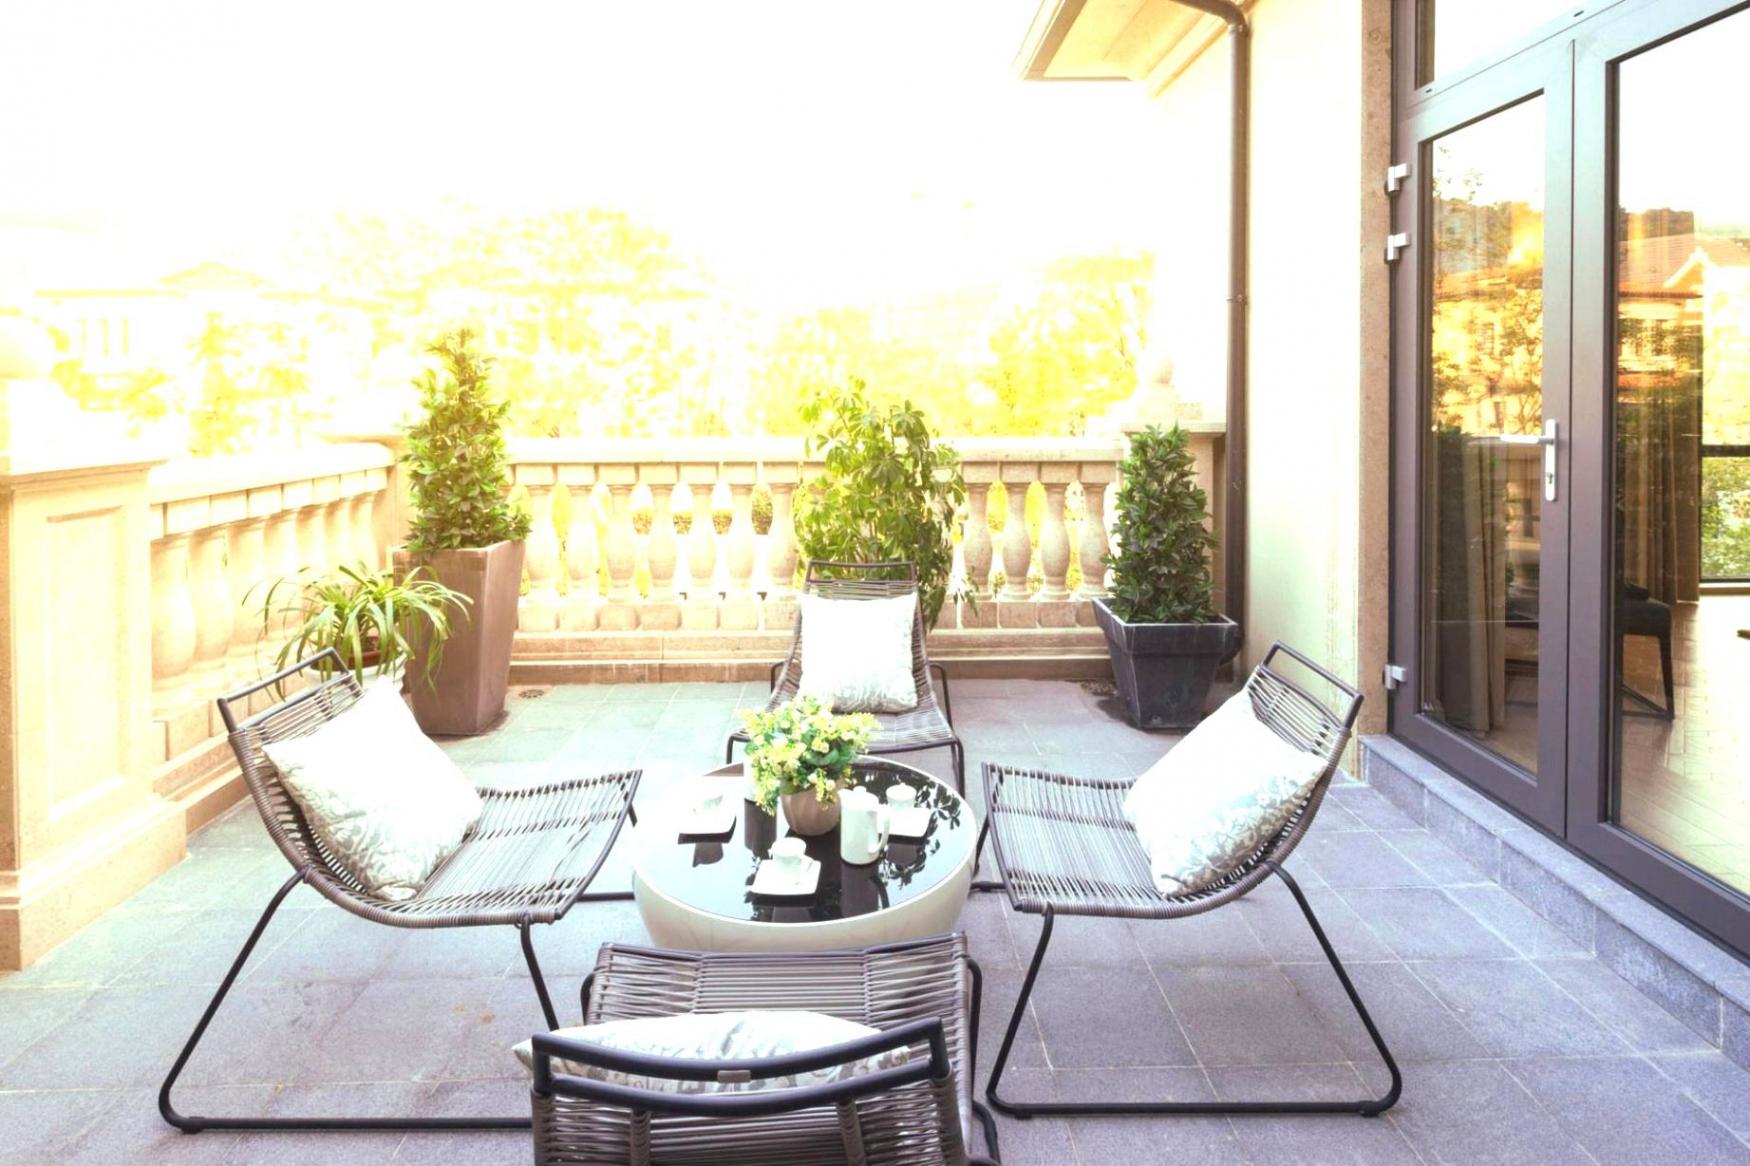 42 inspirierend balkongestaltung schmaler balkon balkongestaltung kleiner balkon balkongestaltung kleiner balkon